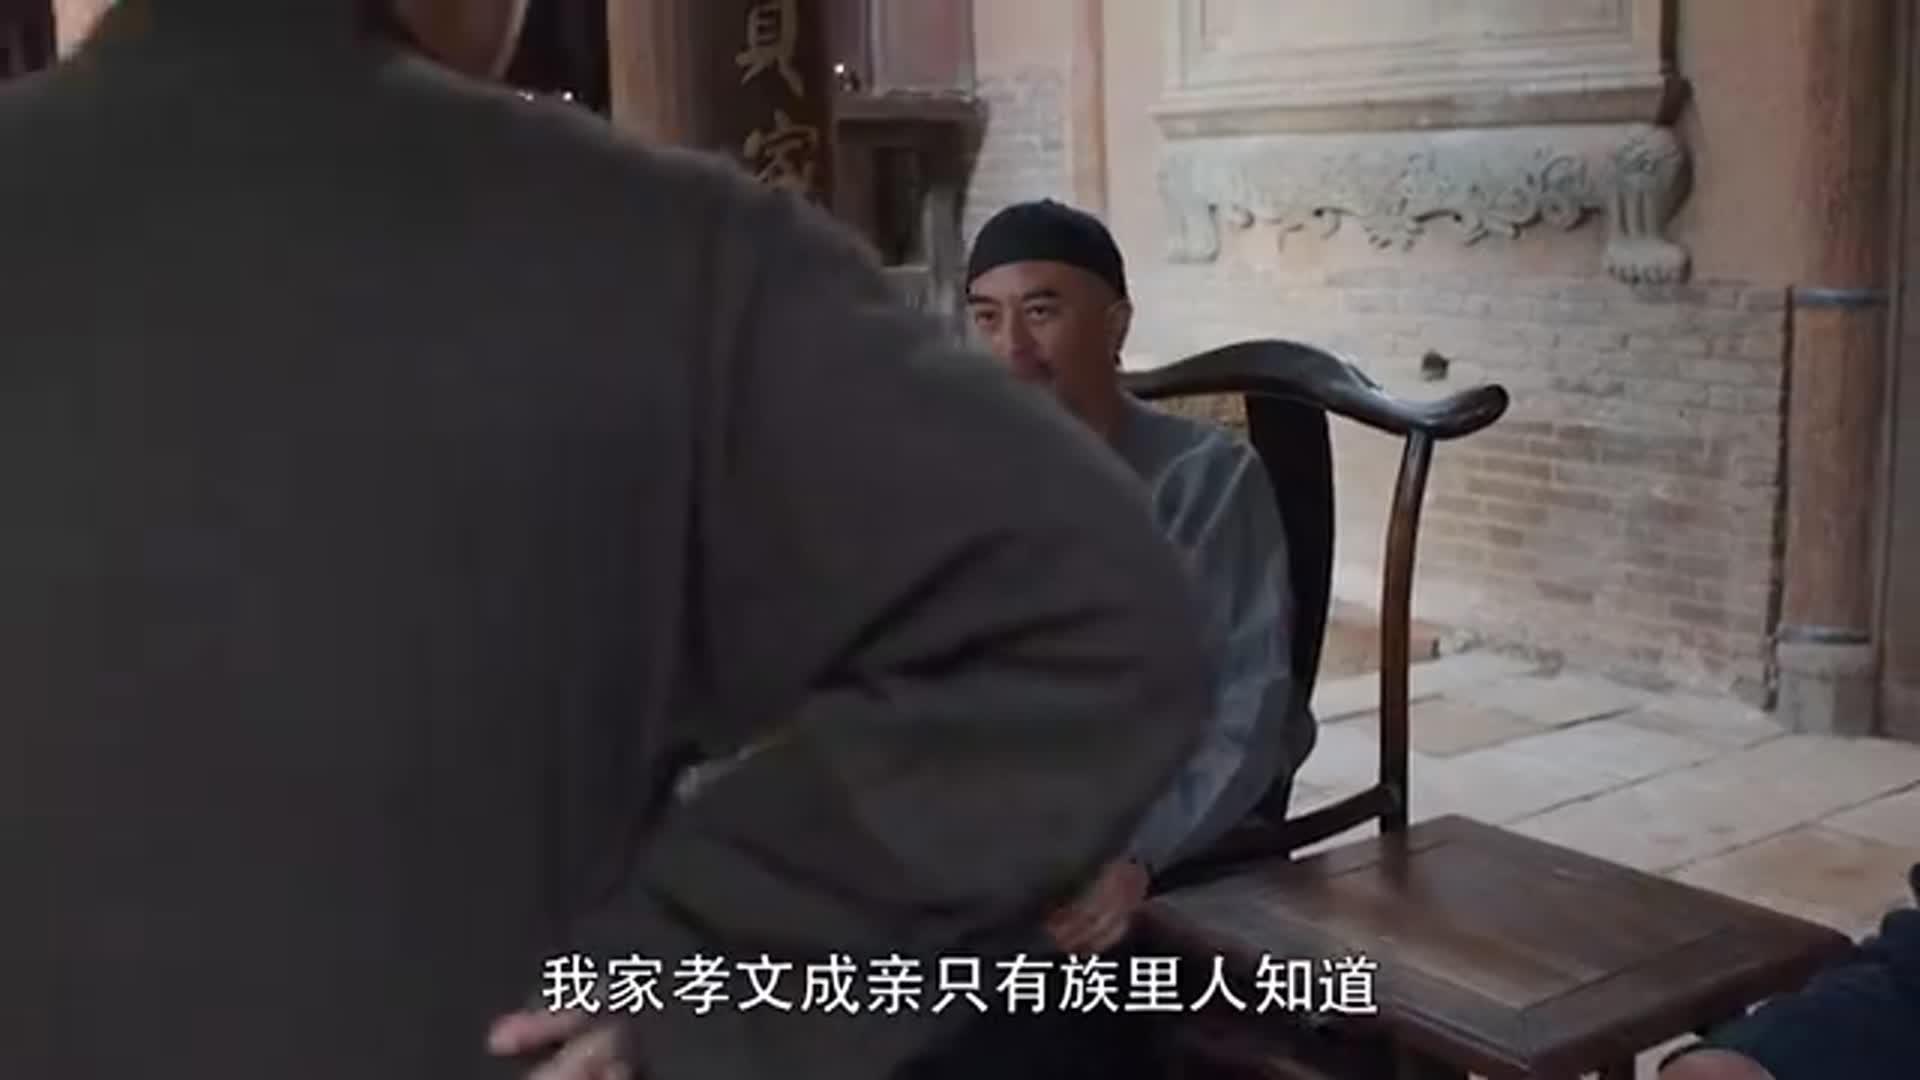 白鹿原:村民怨声载道,官兵又要征收粮食,兆鹏有何话说呢